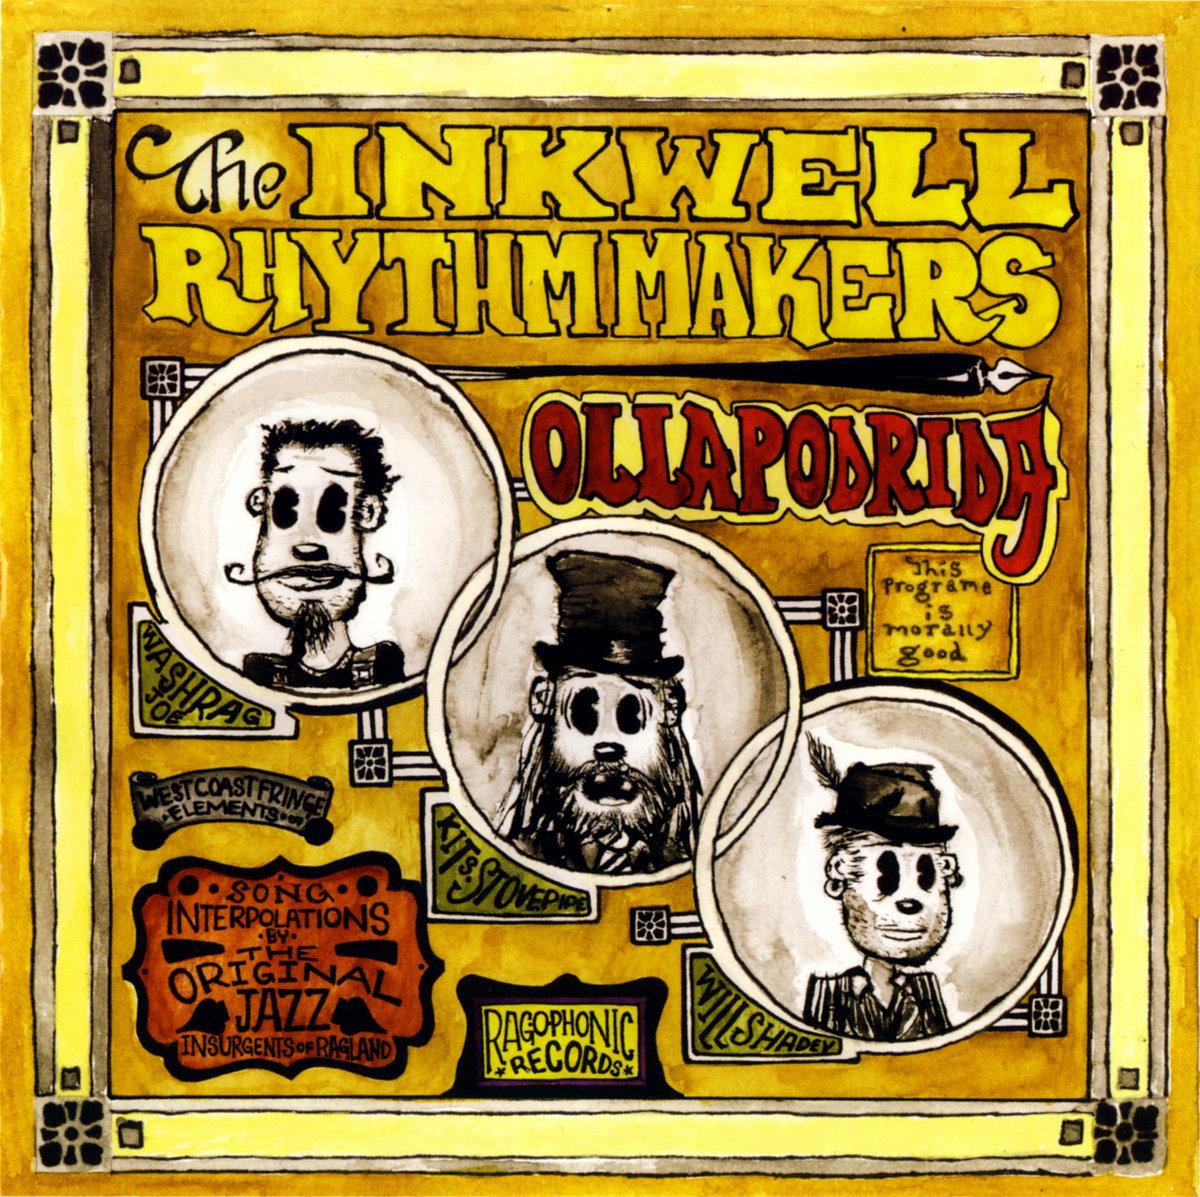 Bathtub Syncopations   the Inkwell Rhythm Makers